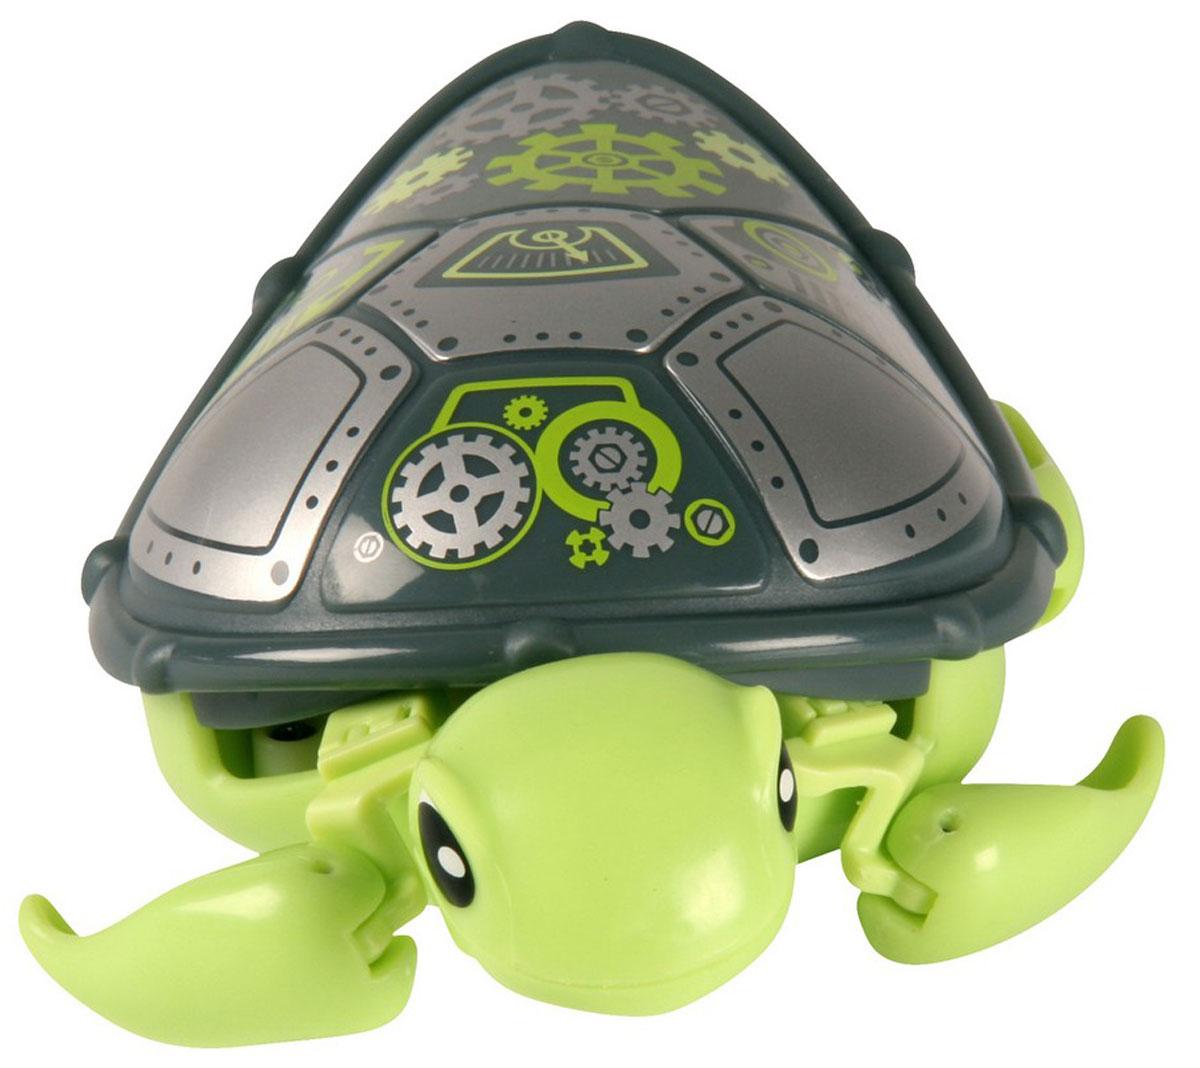 Moose Интерактивная игрушка Черепашка Bolts28199/ast28095(28196,28197,28198,28199)Интерактивная игрушка Moose Черепашка Bolts без сомнения заинтригует детей, которые очень любят животных. Игрушка выполнена из прочных материалов и обладает интересным окрасом. От своих живых собратьев черепашка отличается яркой расцветкой. Голова и ласты выкрашены в зеленый цвет, а ее панцирь украшен разнообразными болтиками и ключиками. На брюшке черепахи находится кнопка для включения - выключения игрушки. Питомец отлично ползает по суше, а так же плавает в воде. При движении черепашка передвигает ластами и шевелит головой словно настоящая. Купание с таким питомцем обязательно вызовет у ребенка неподдельный восторг, даже нелюбимое занятие как мытье головы пройдет незамеченным. Для работы понадобится батарейка типа ААА (в комплект не входит).